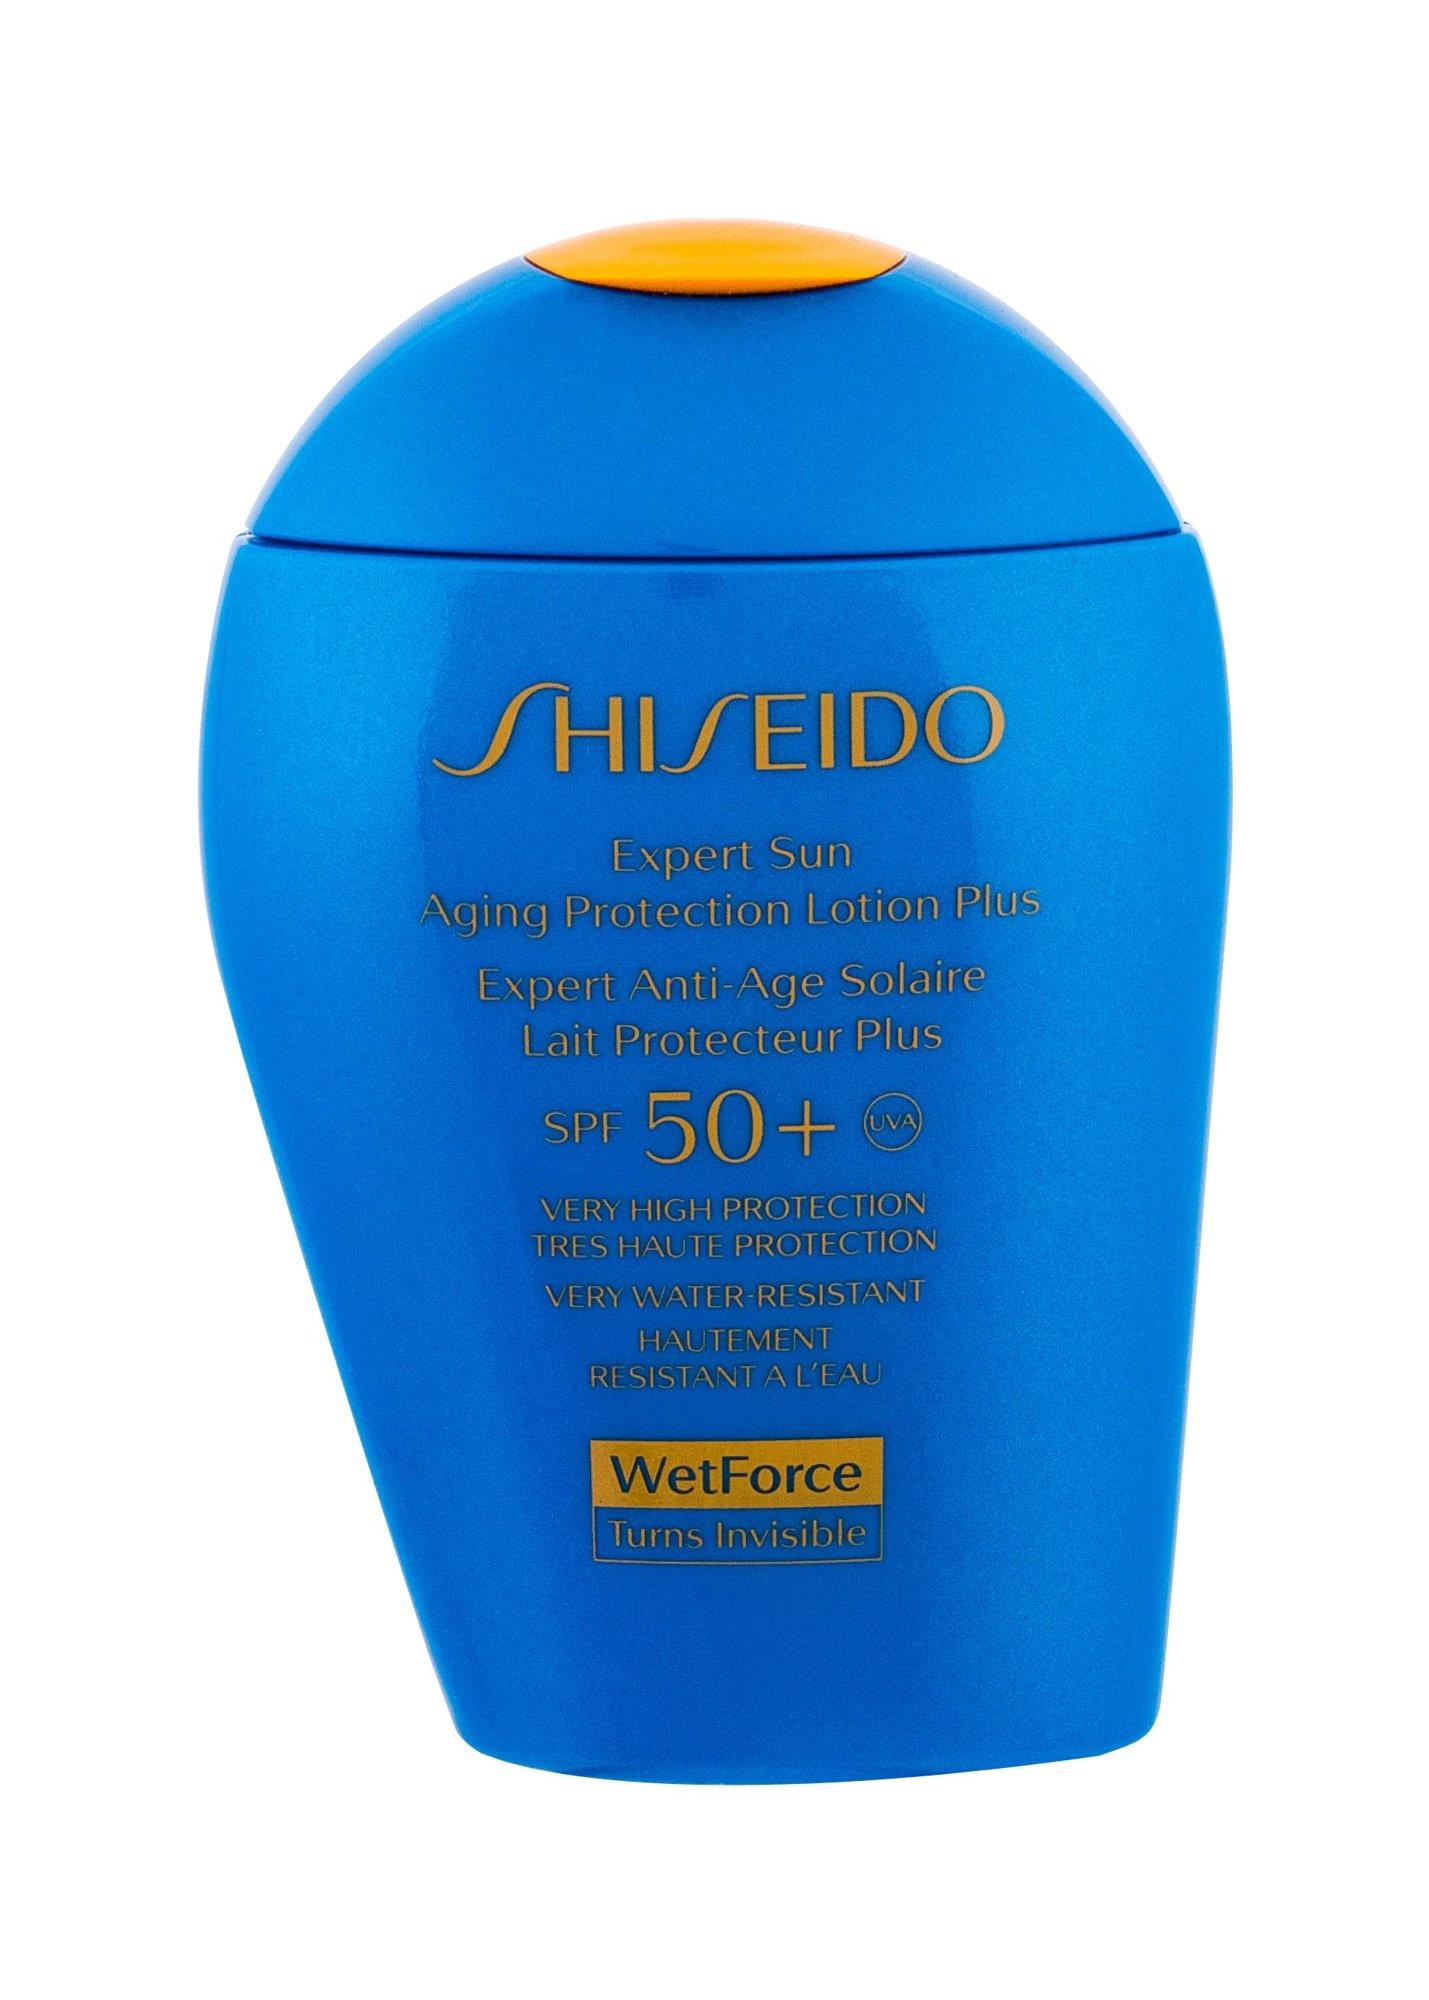 Shiseido Expert Sun Sun Body Lotion 100ml